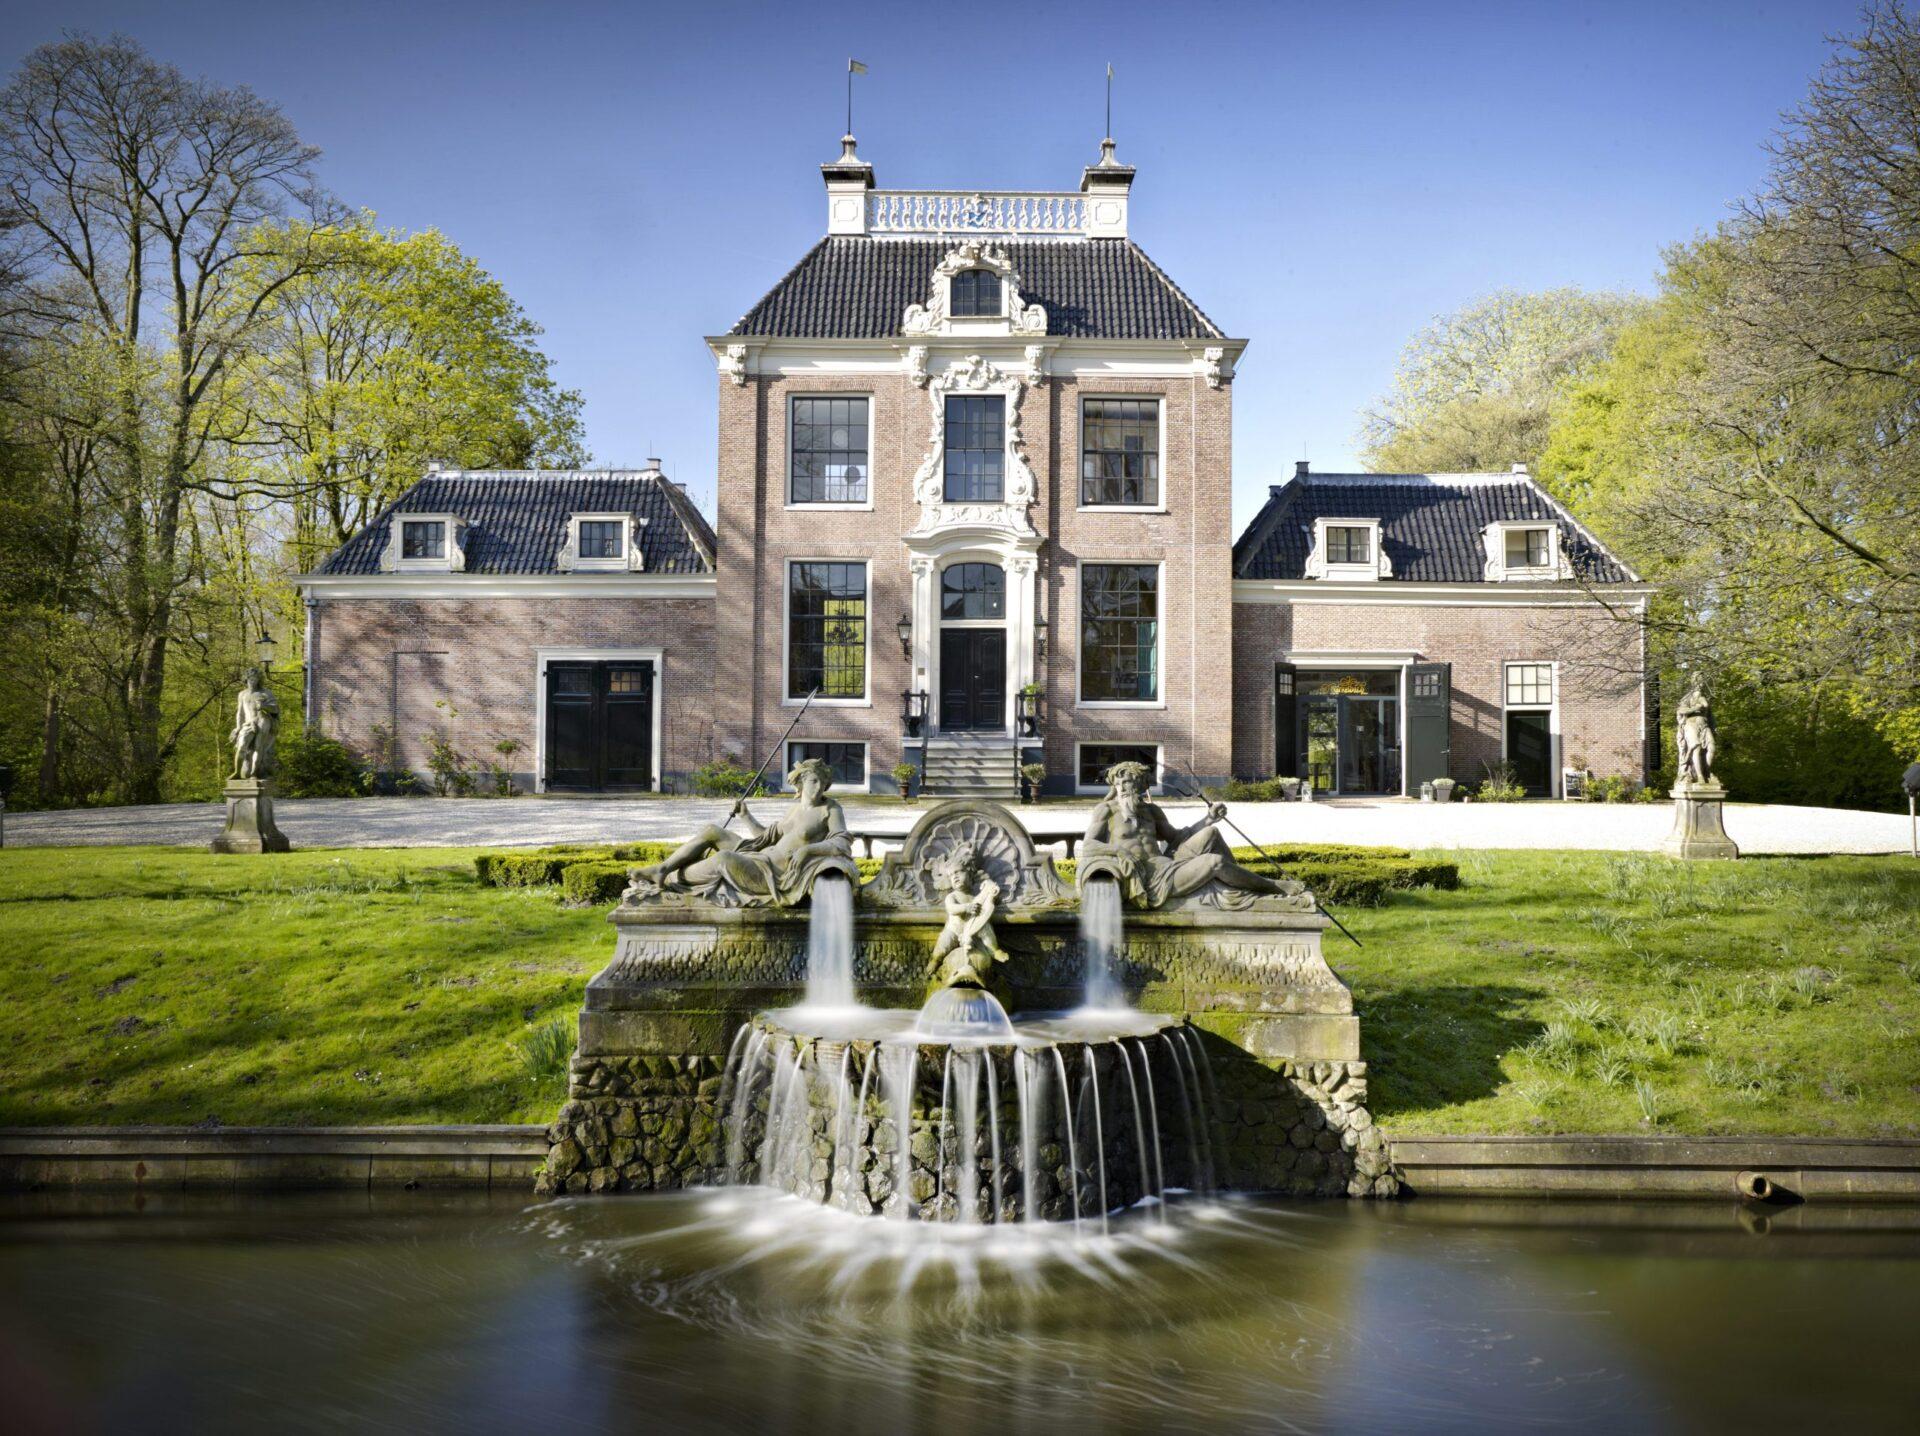 Frankendeal beeld1 scaled Team WENDY blikt terug op de heidag in het prachtige en historische Huize Frankendael